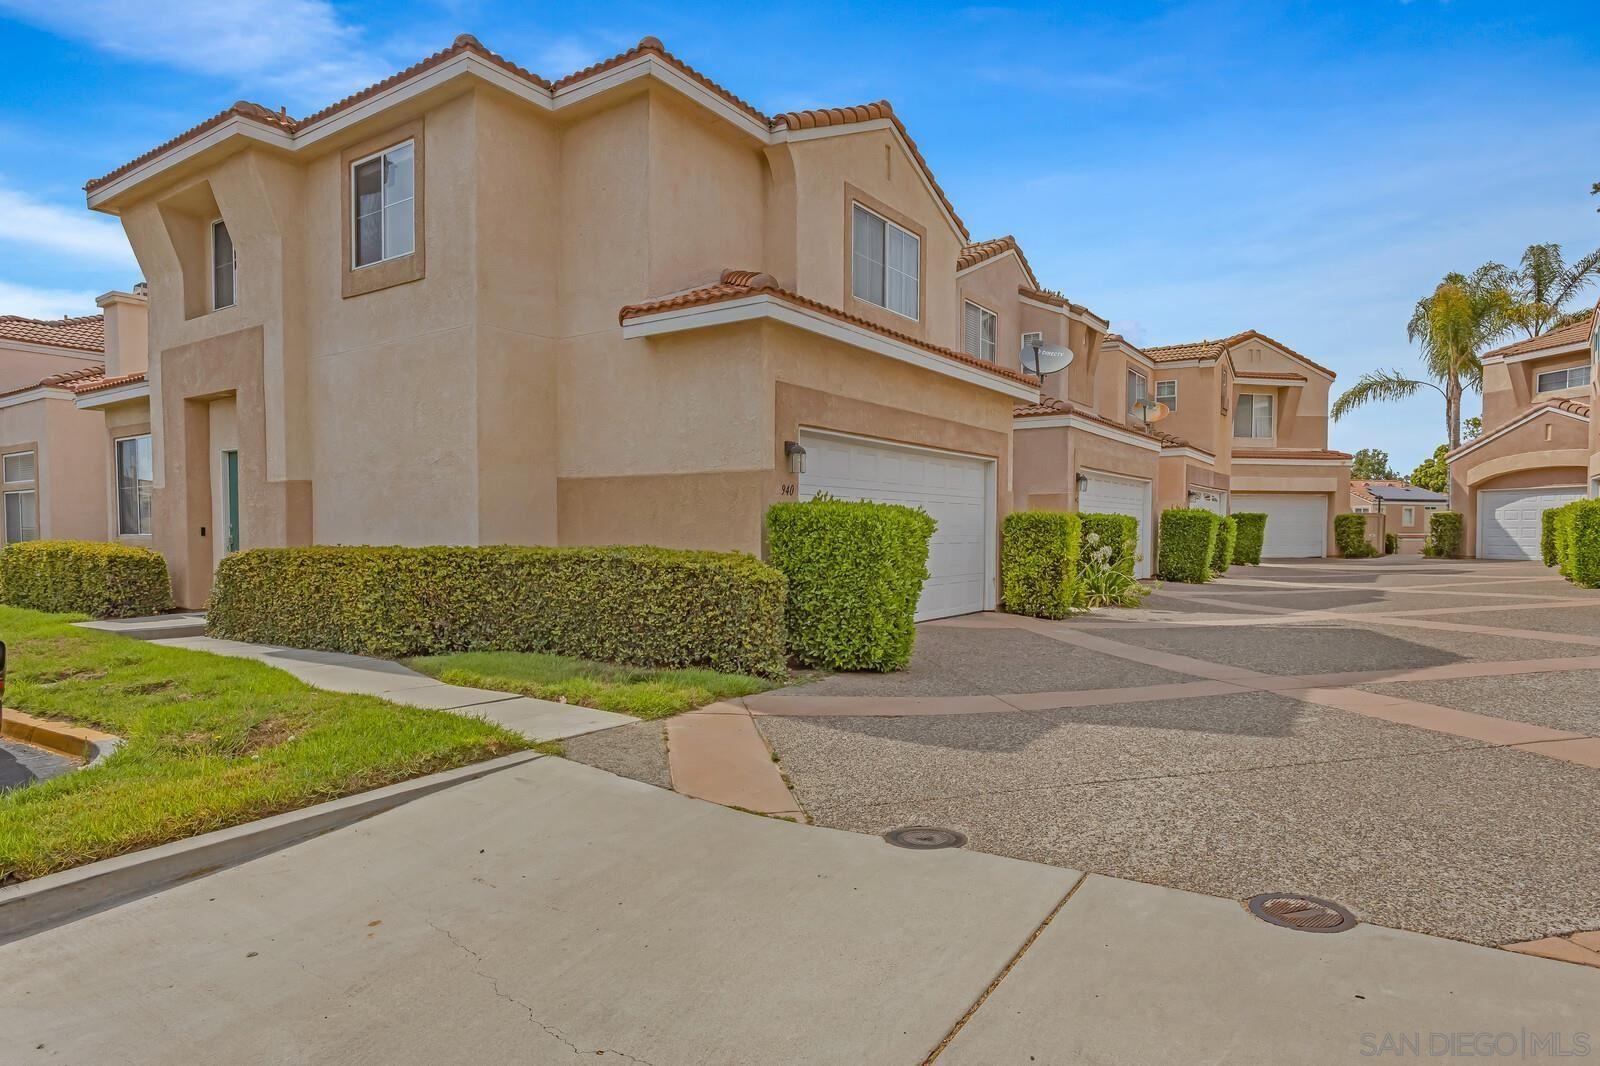 Photo of 940 Caminito Estrella, Chula Vista, CA 91910 (MLS # 210021081)